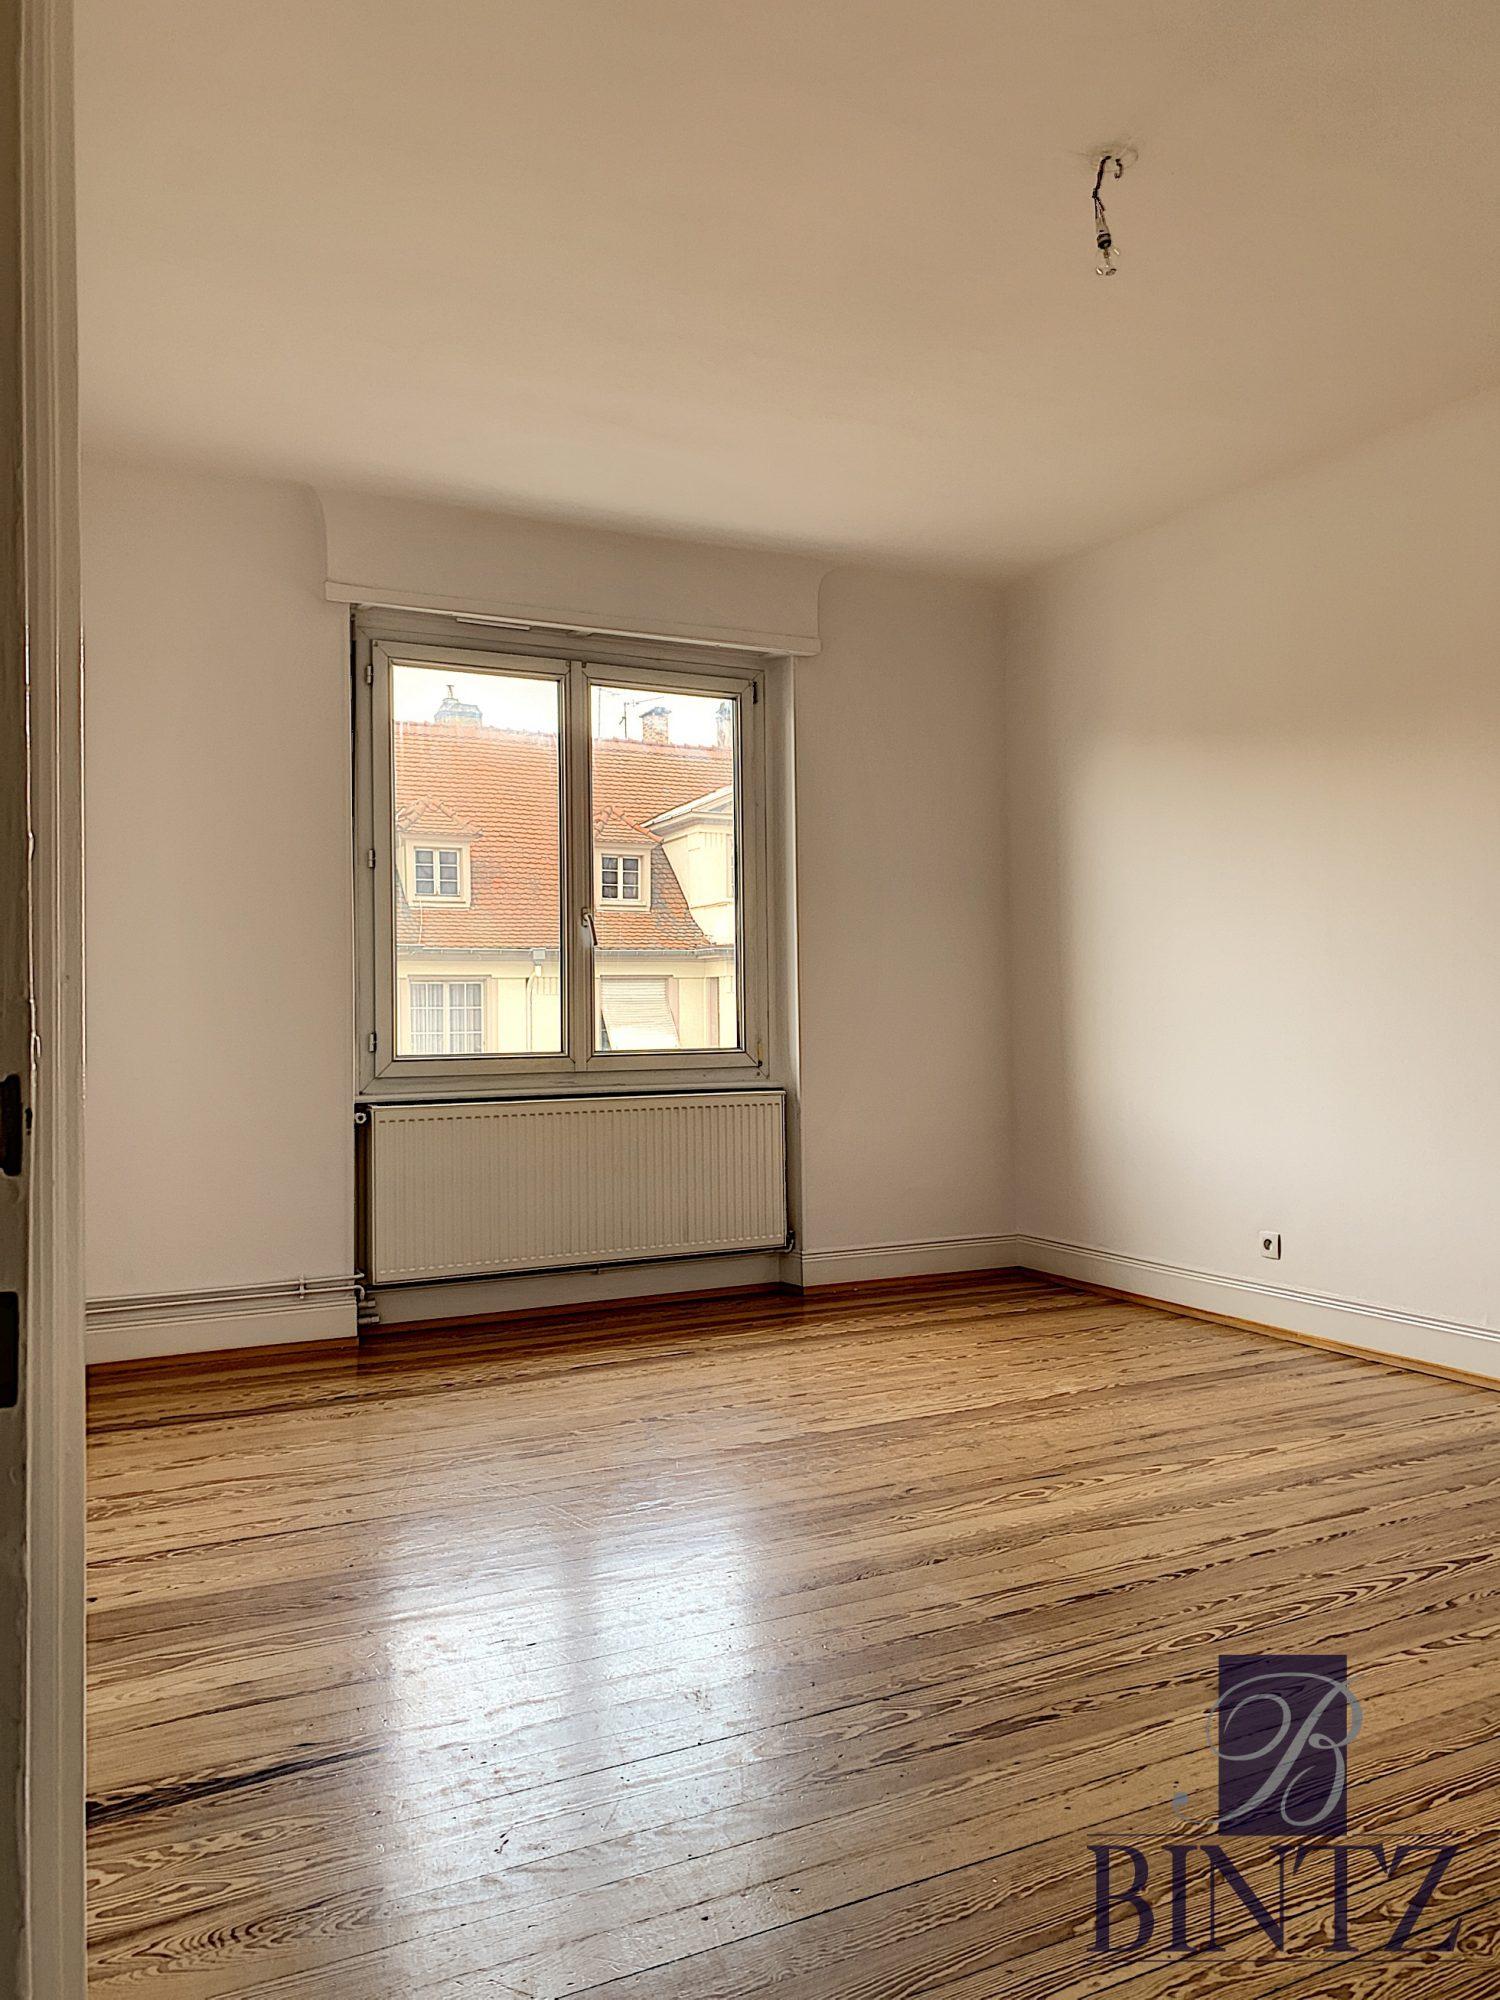 GRAND 4 PIÈCES RÉNOVÉ À NEUDORF - Devenez locataire en toute sérénité - Bintz Immobilier - 4